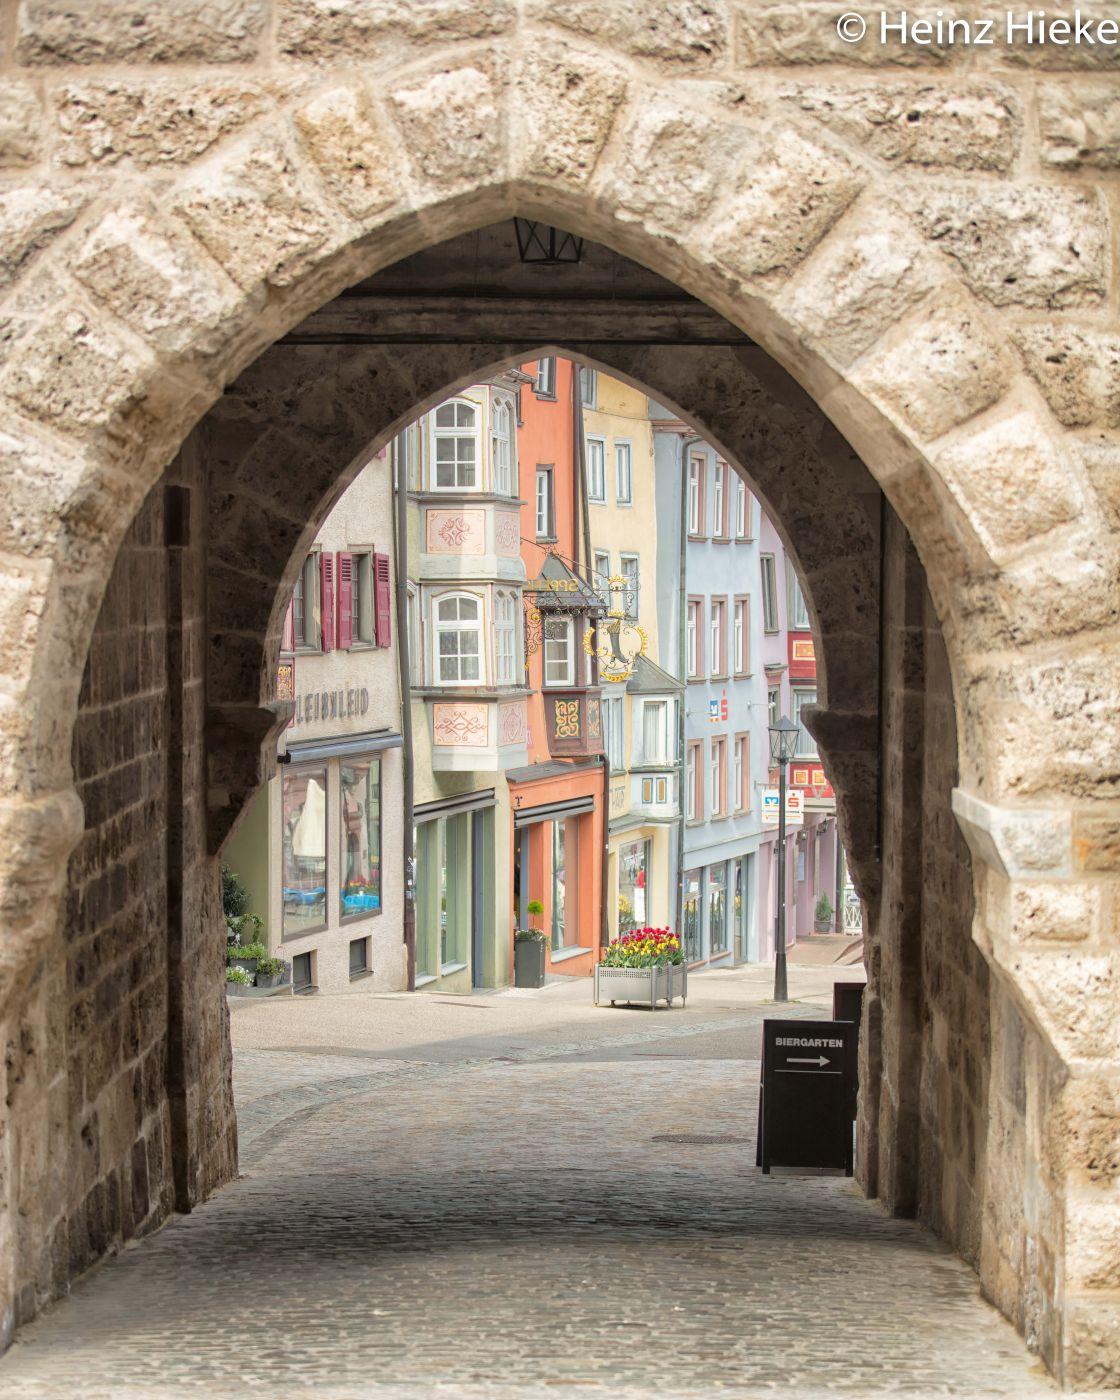 Schwarzes Tor, Germany